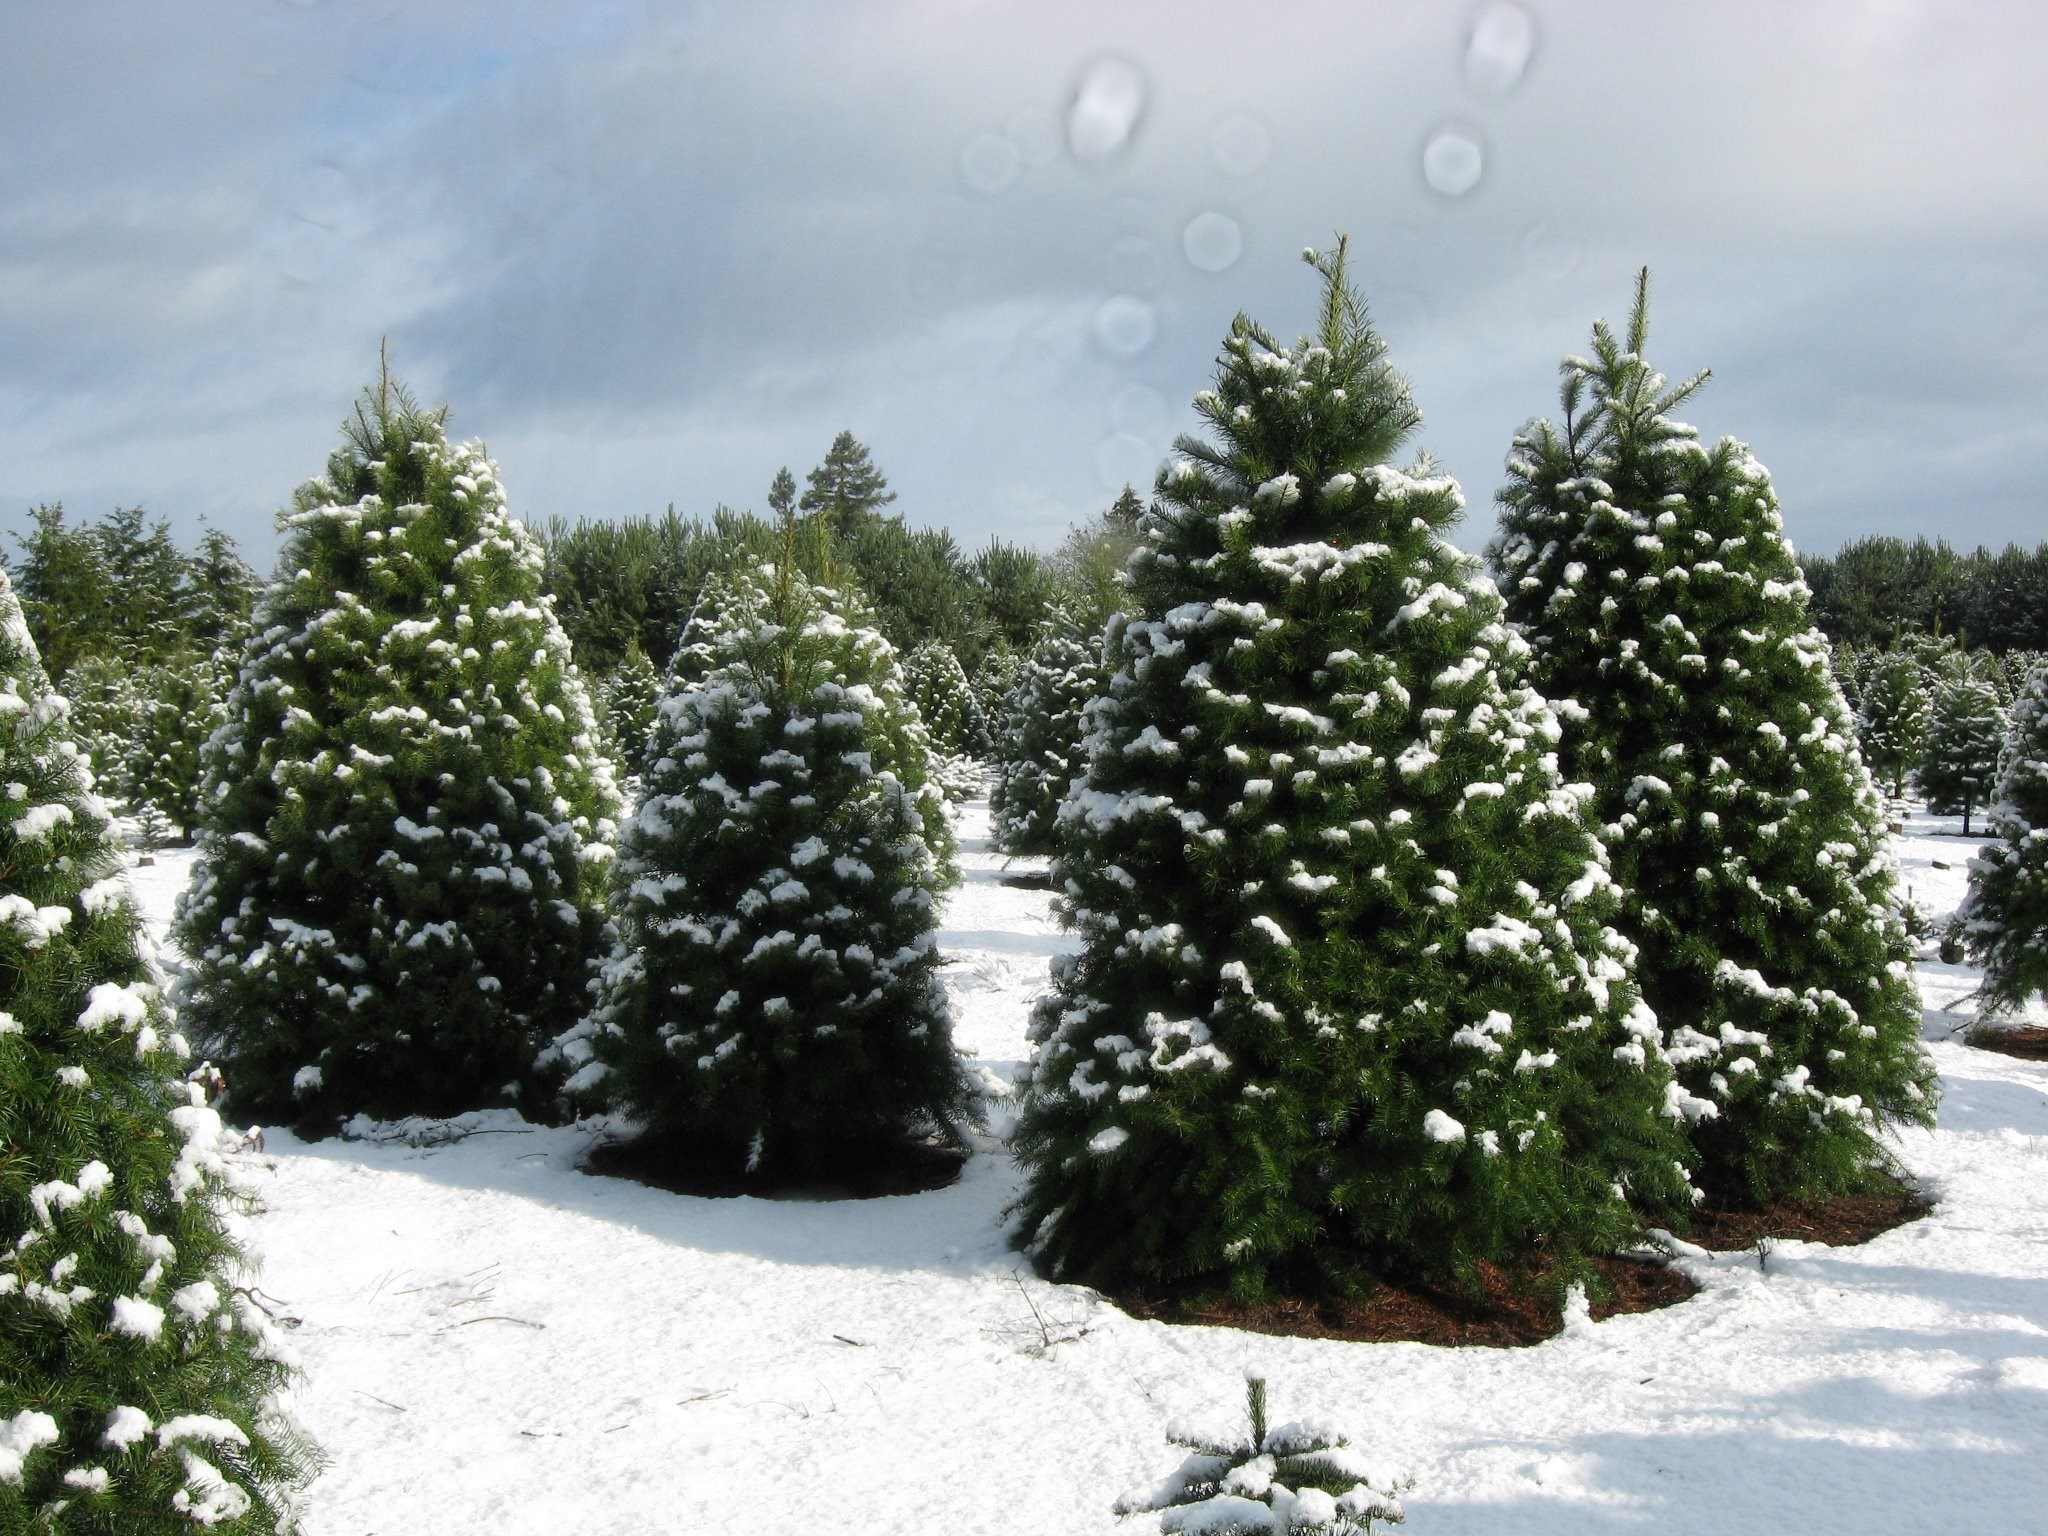 Larwick U-cut Christmas Tree Farm christmas tree farm   ChristmasTreeFarms.net